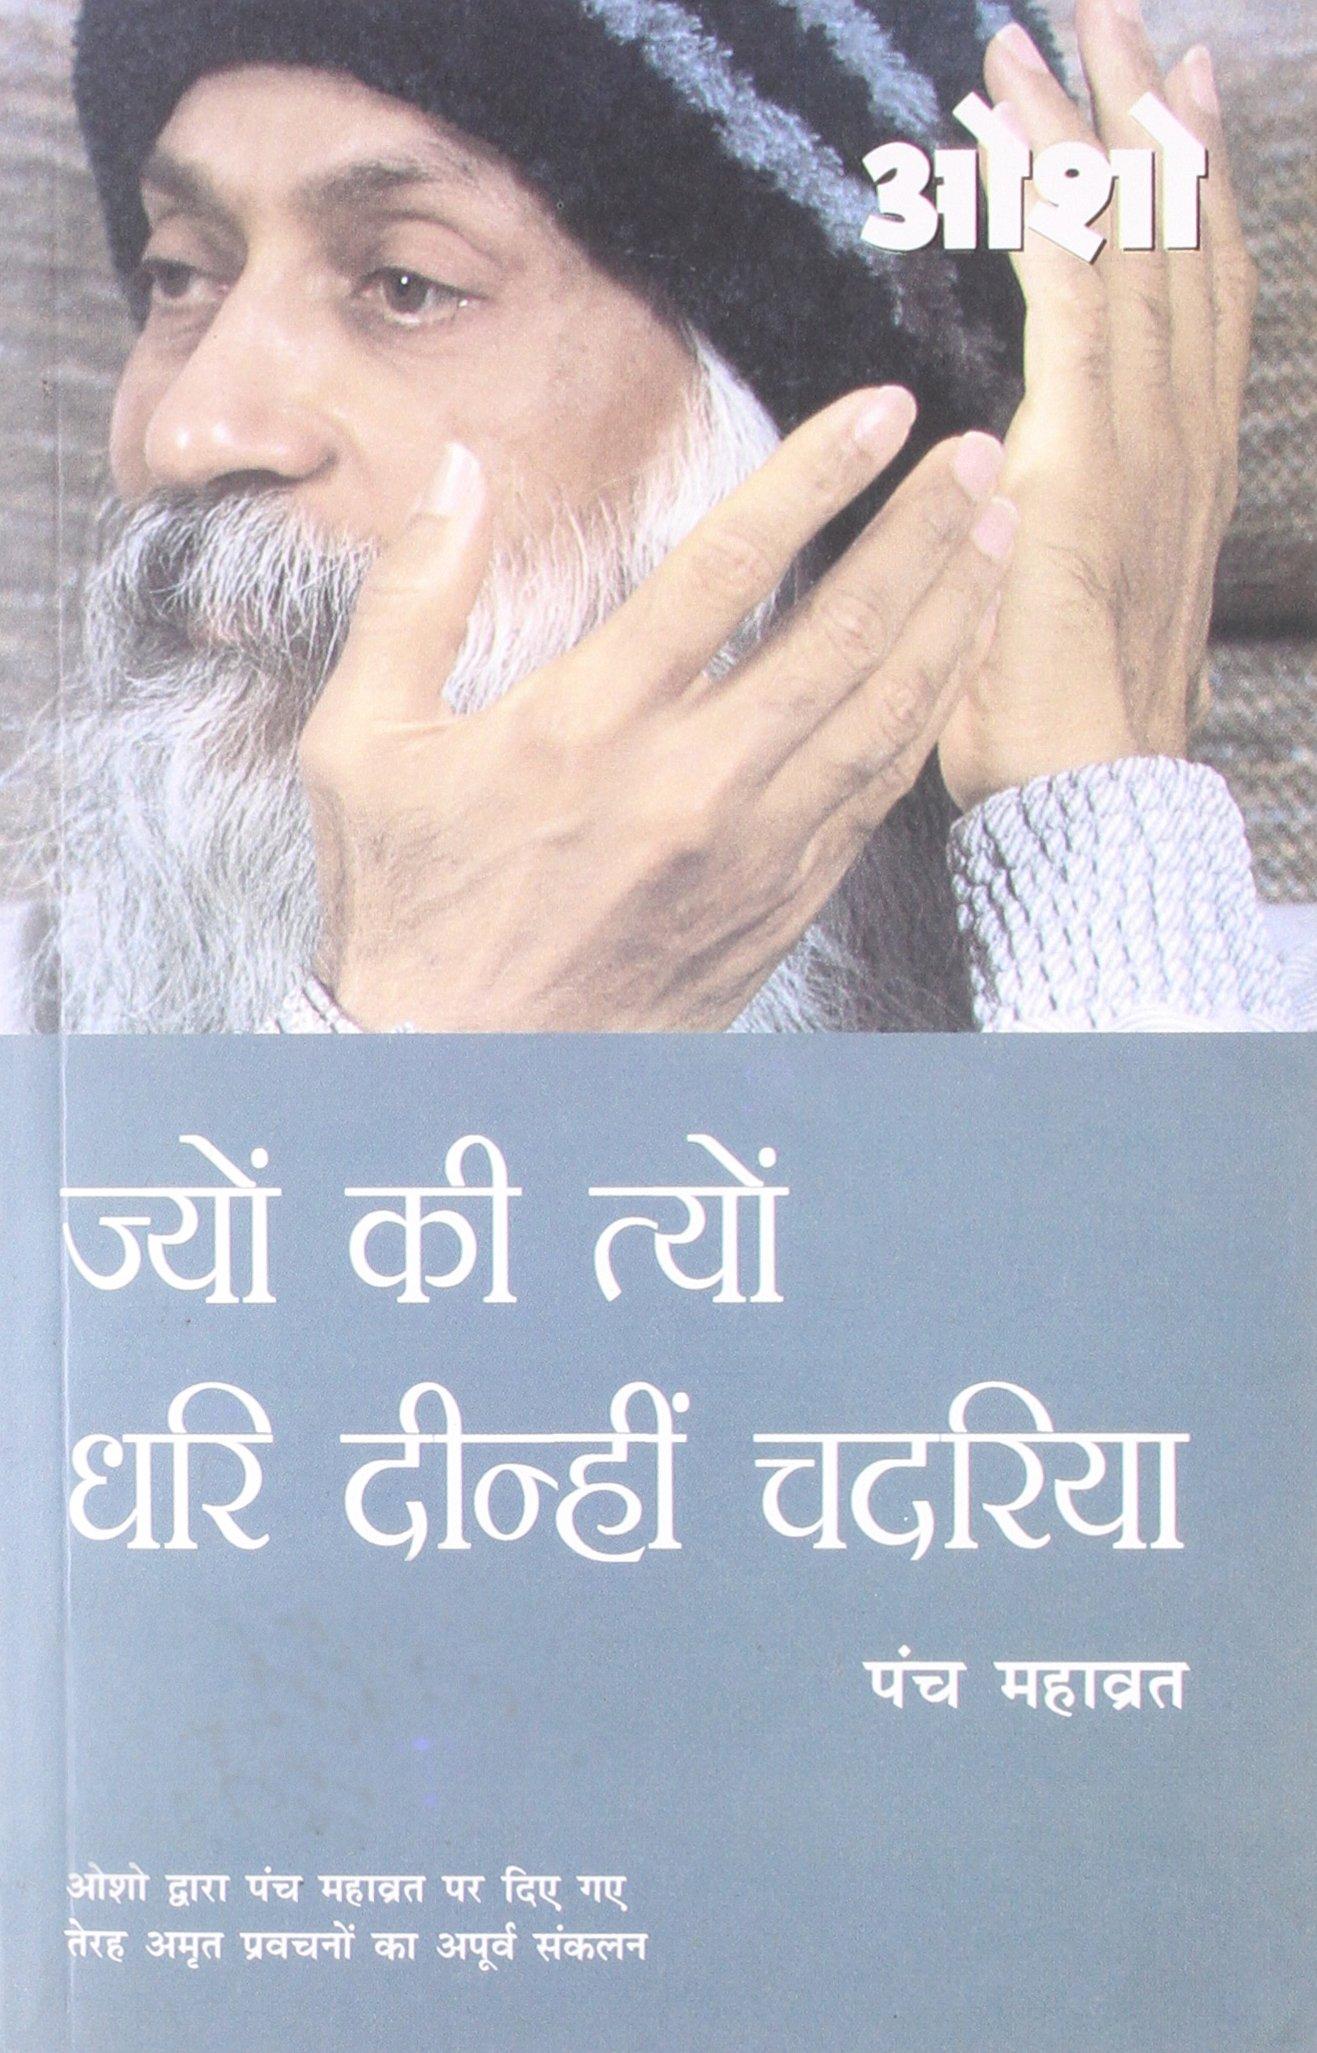 Jyo Ki Tyo Dhari Dinhi Chadariya